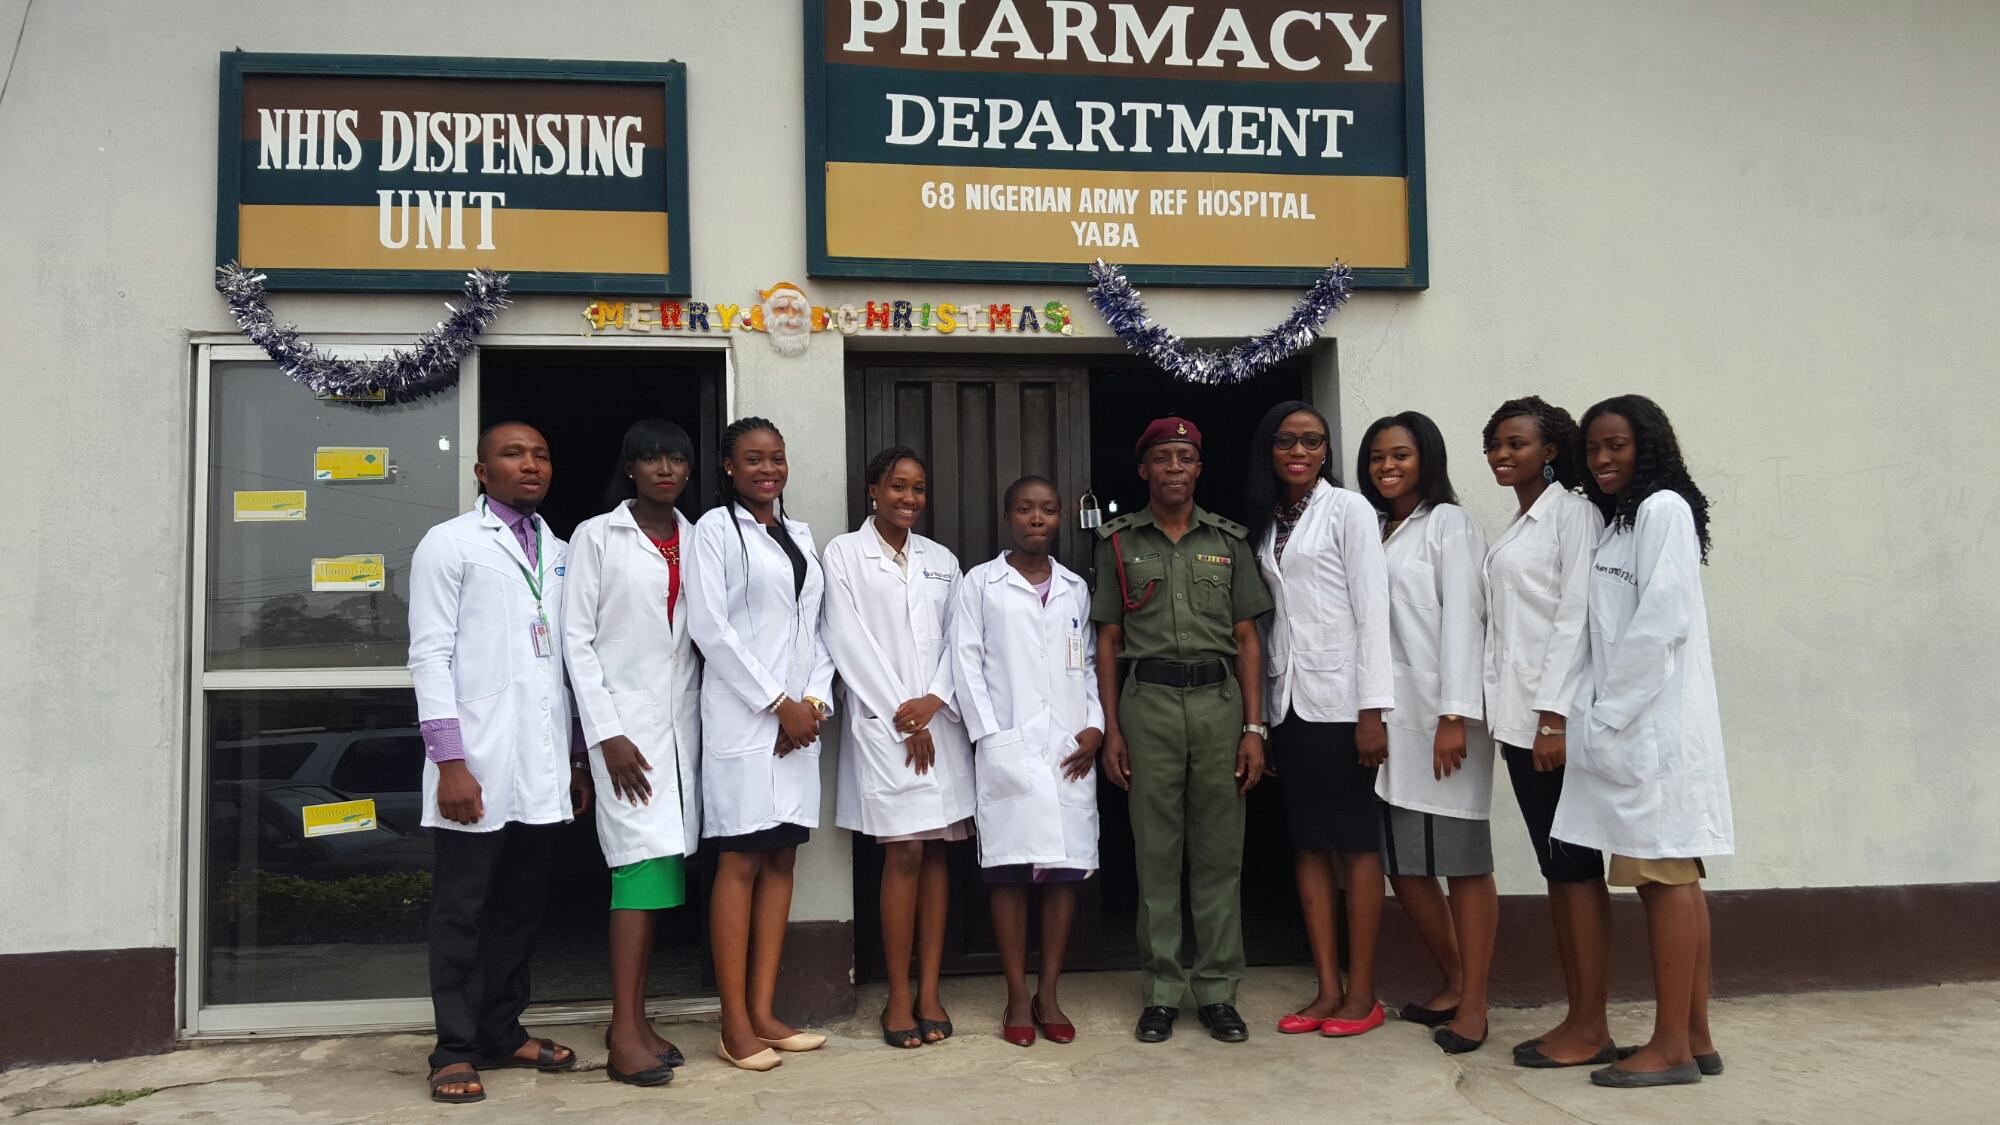 Nigerian Army Hospital